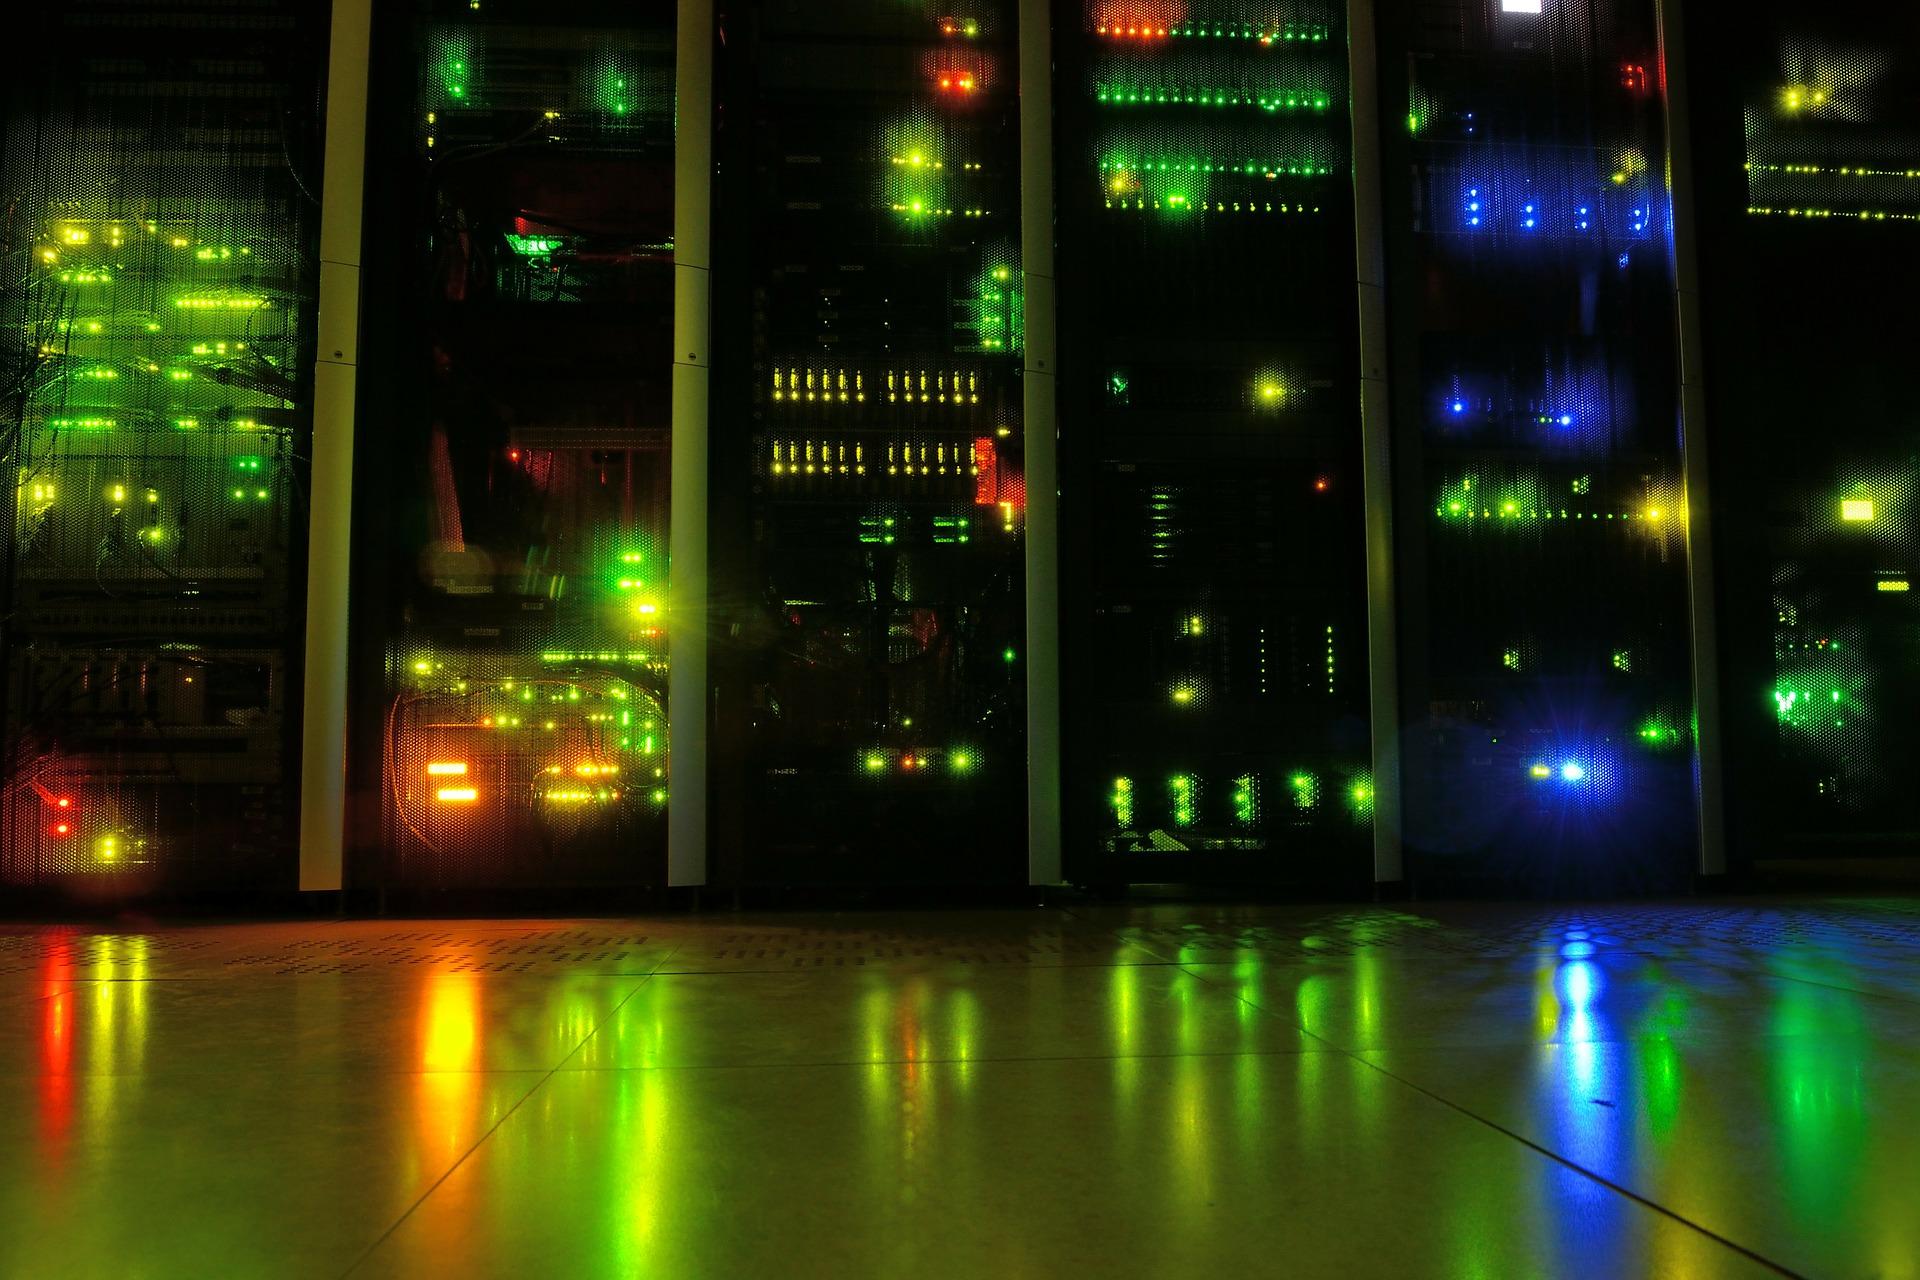 Dyn DNS attack